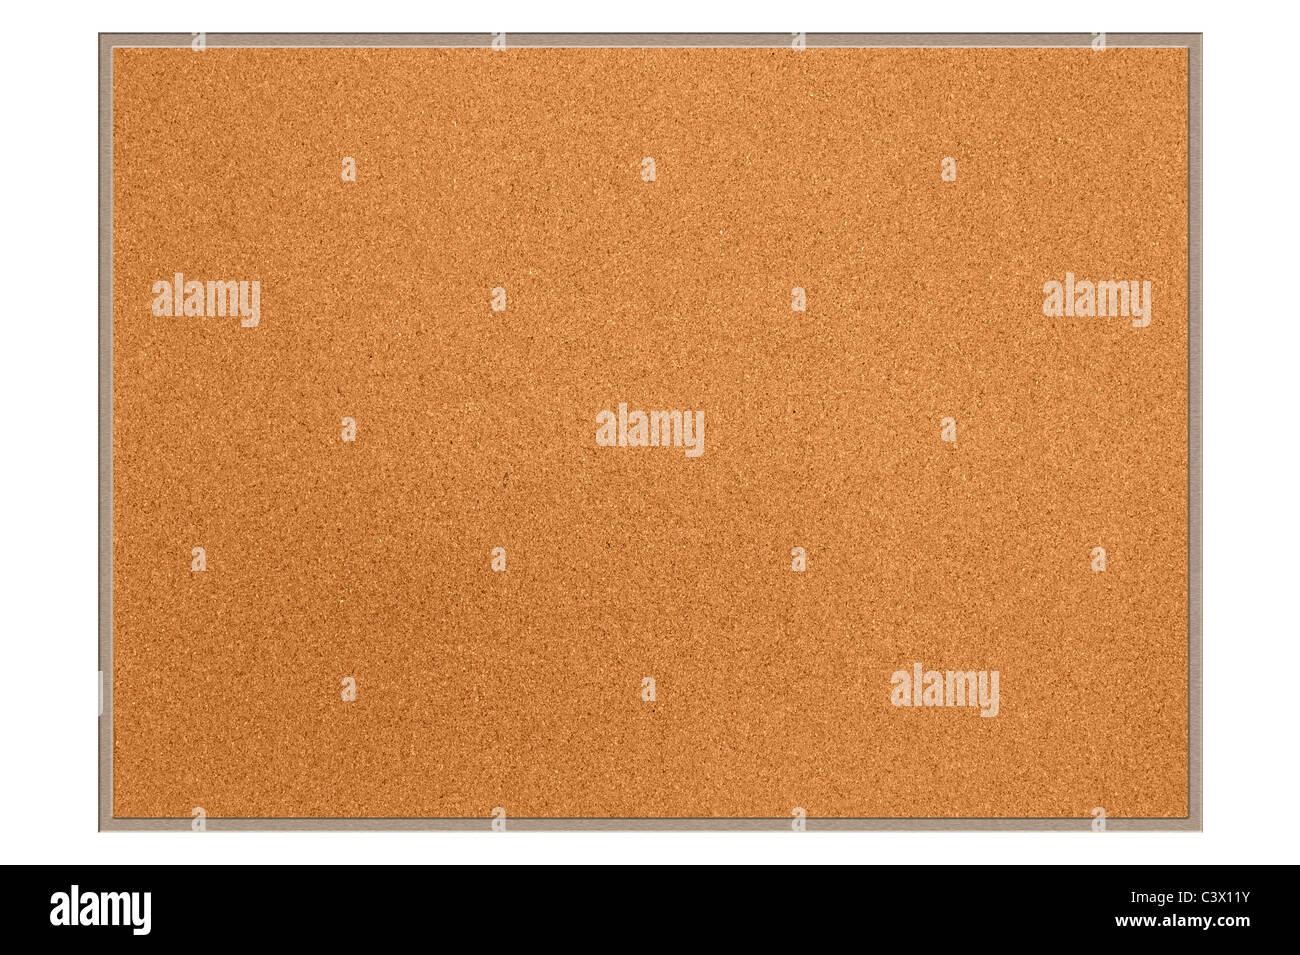 Un nuevo tablero de corcho vacío para su uso como es o para diseñadores para colocar la copia o imagen Imagen De Stock